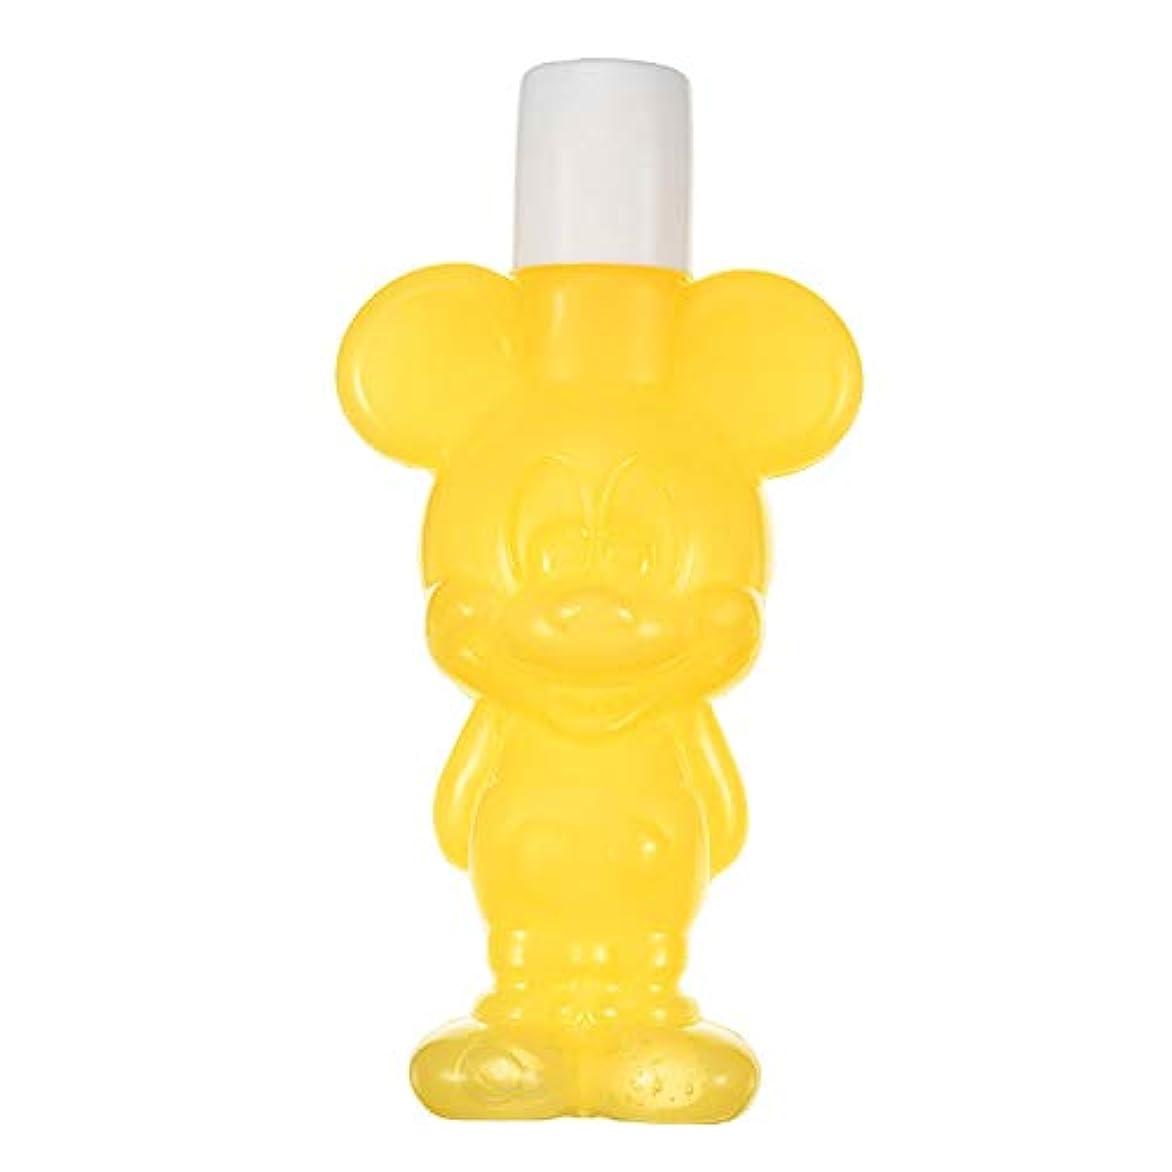 慢な補う有害ディズニーストア(公式)保湿ジェル ミッキー イエロー Gummy Candy Cosme